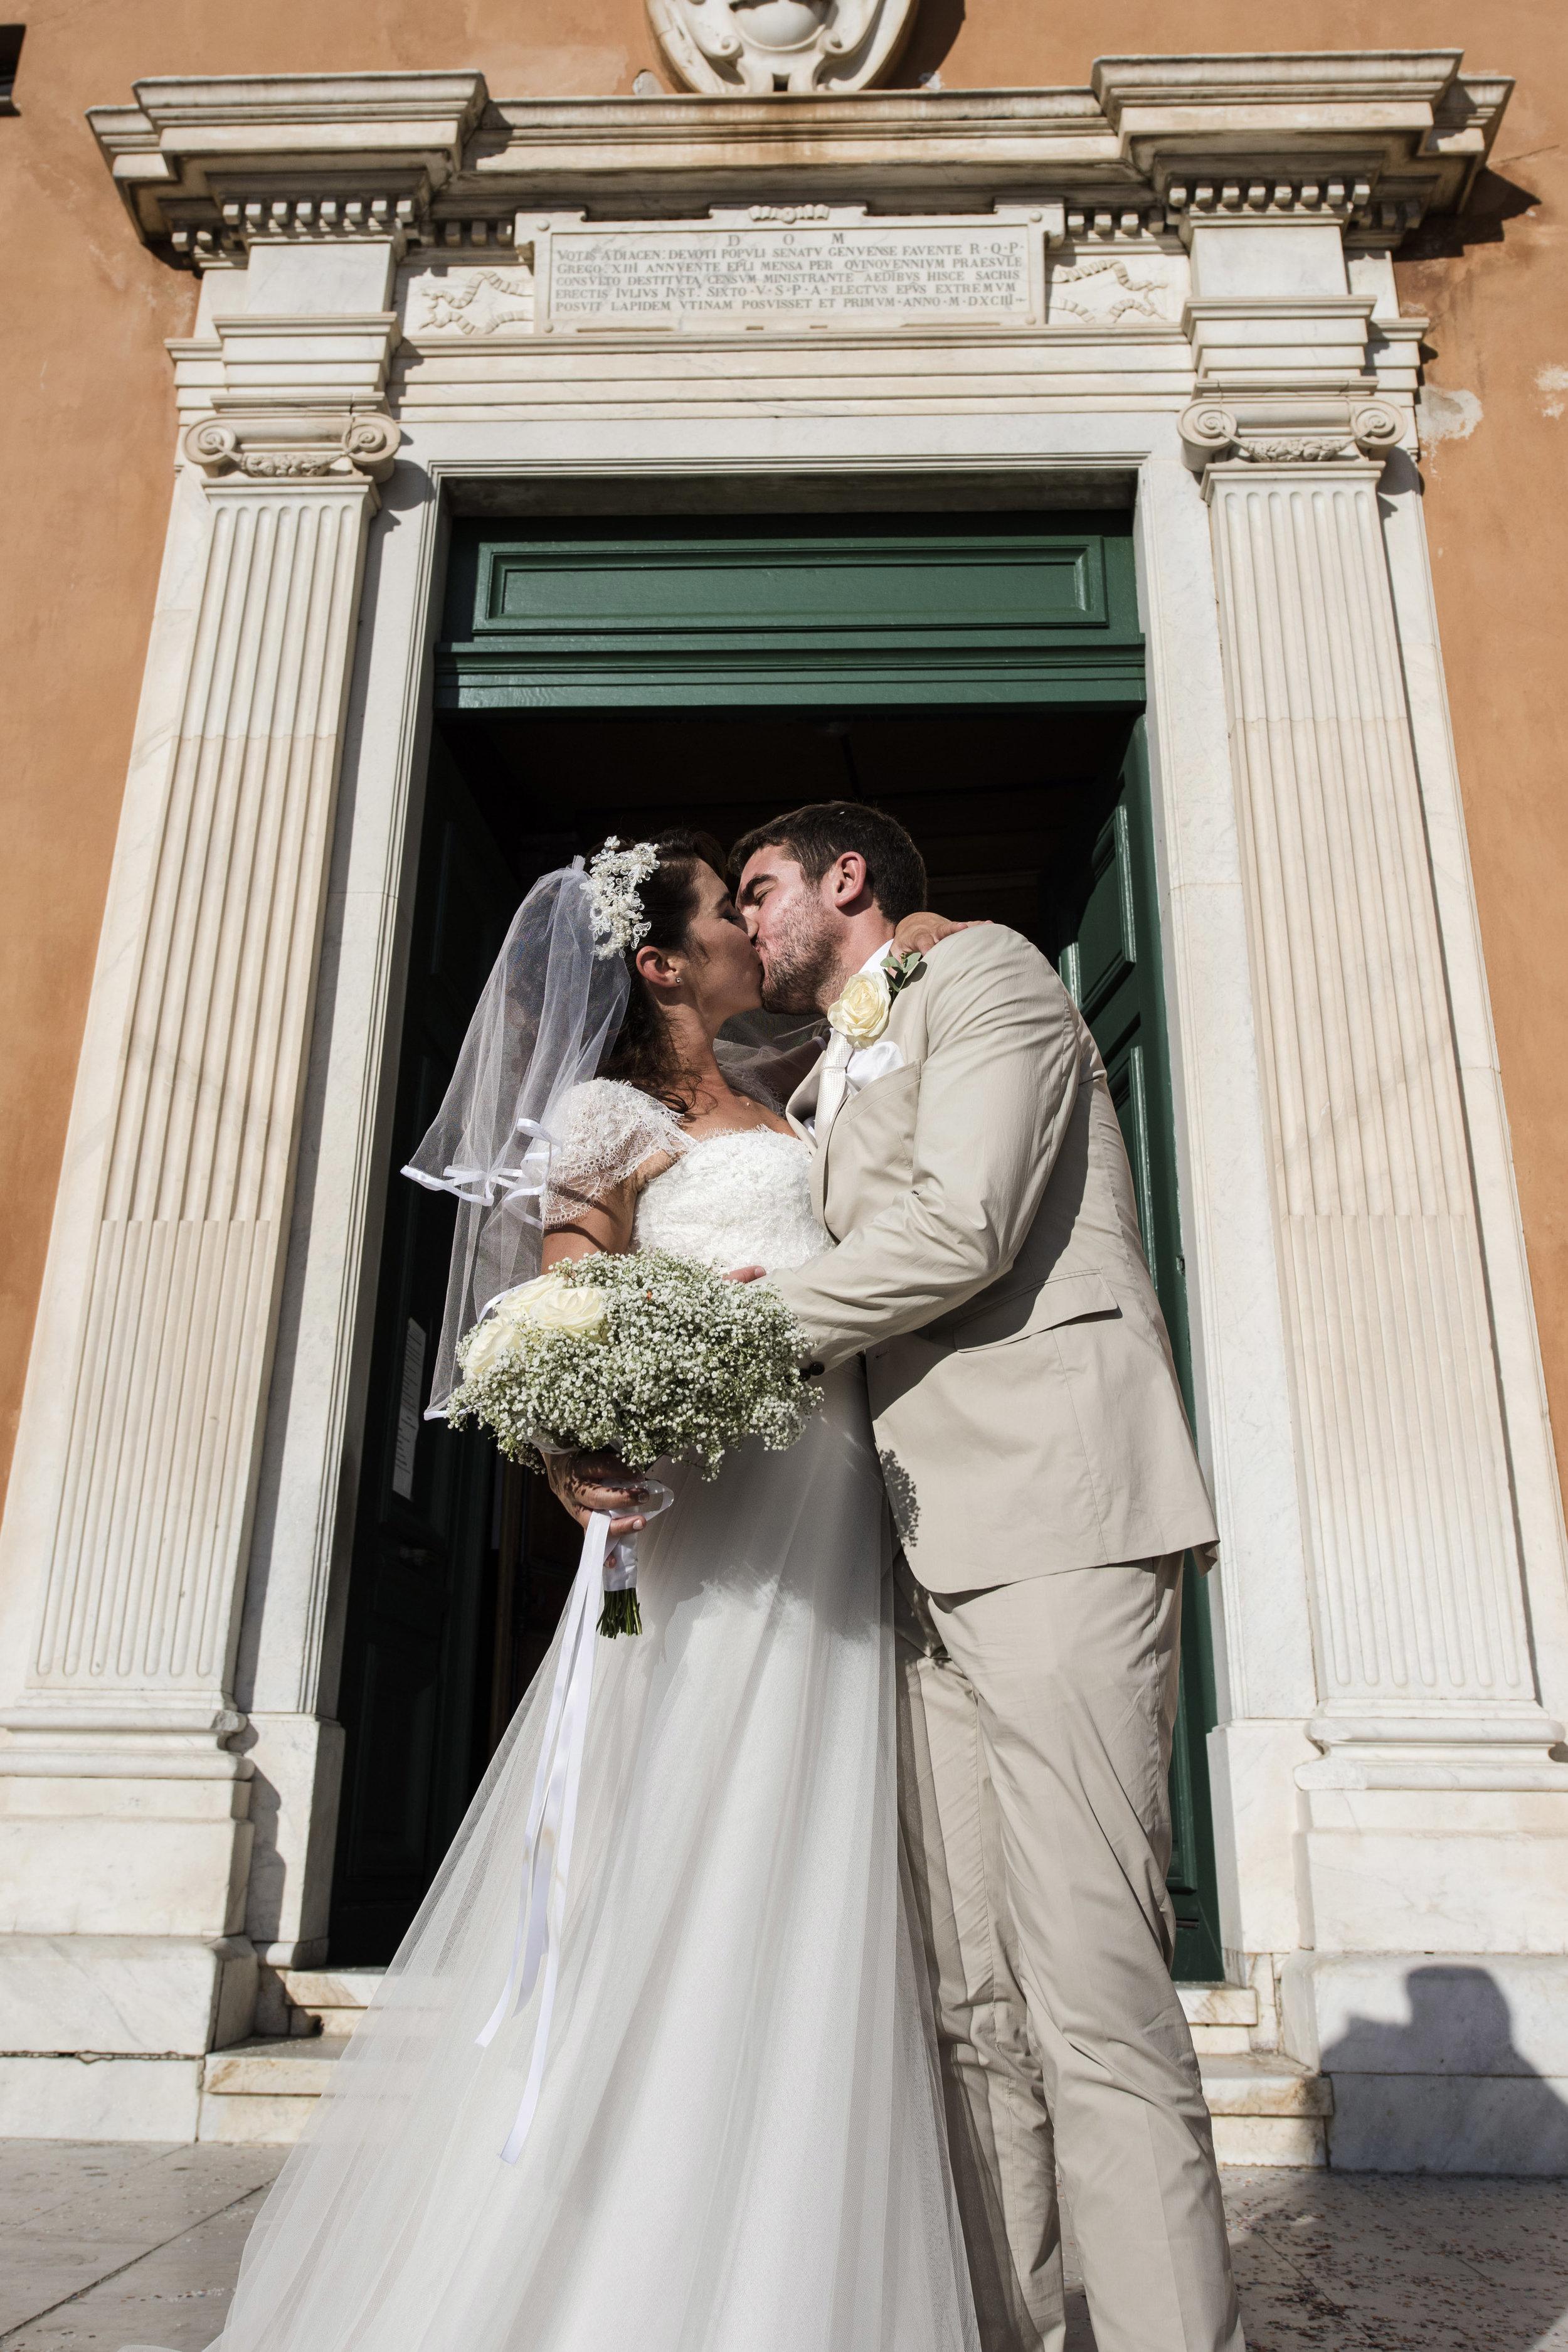 wedding-venue-ajaccio-cathedral_012.jpg